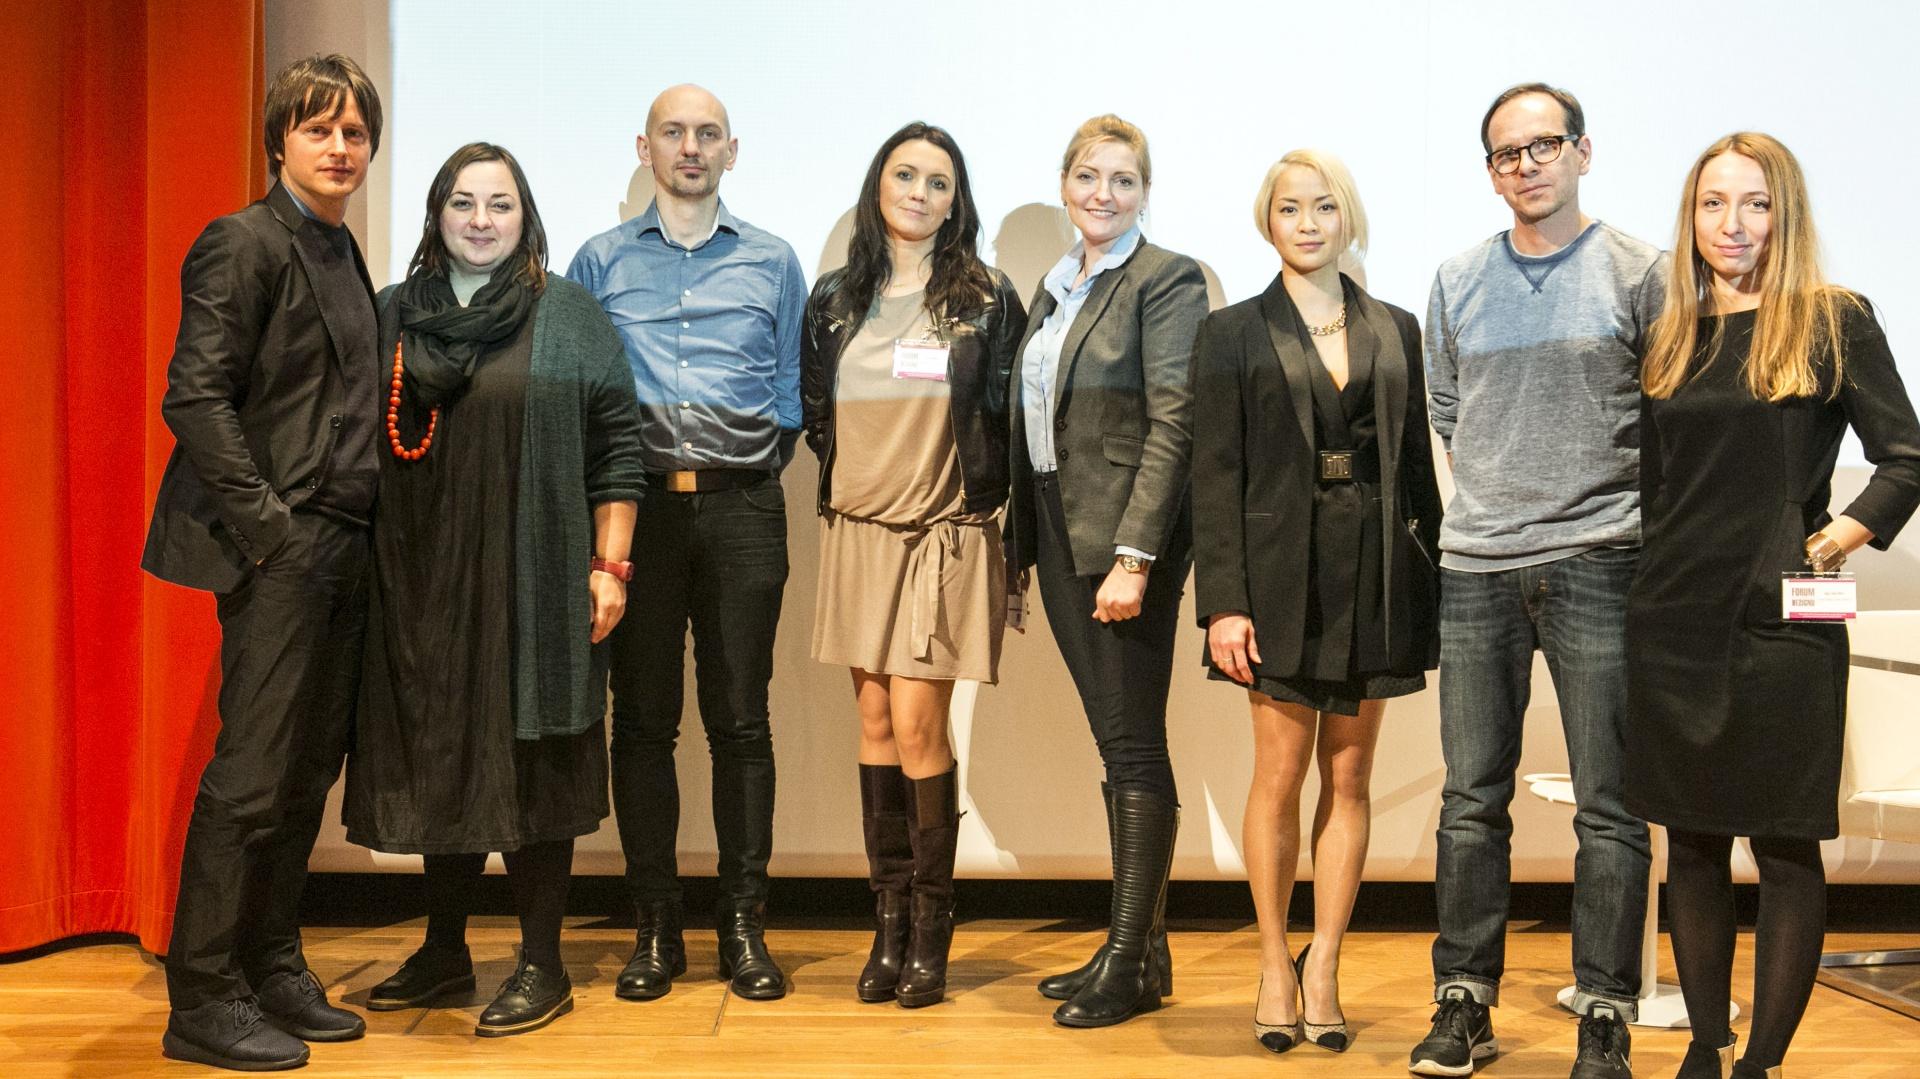 W debacie udział wzięli [od lewej]: Oskar Zięta, Zuzanna Skalska, Piotr Wełniak,  Dorota Warych, Dominika Rostocka, Natalia Nguyen, Mikołaj Wierszyłłowski oraz Maja Ganszyniec.